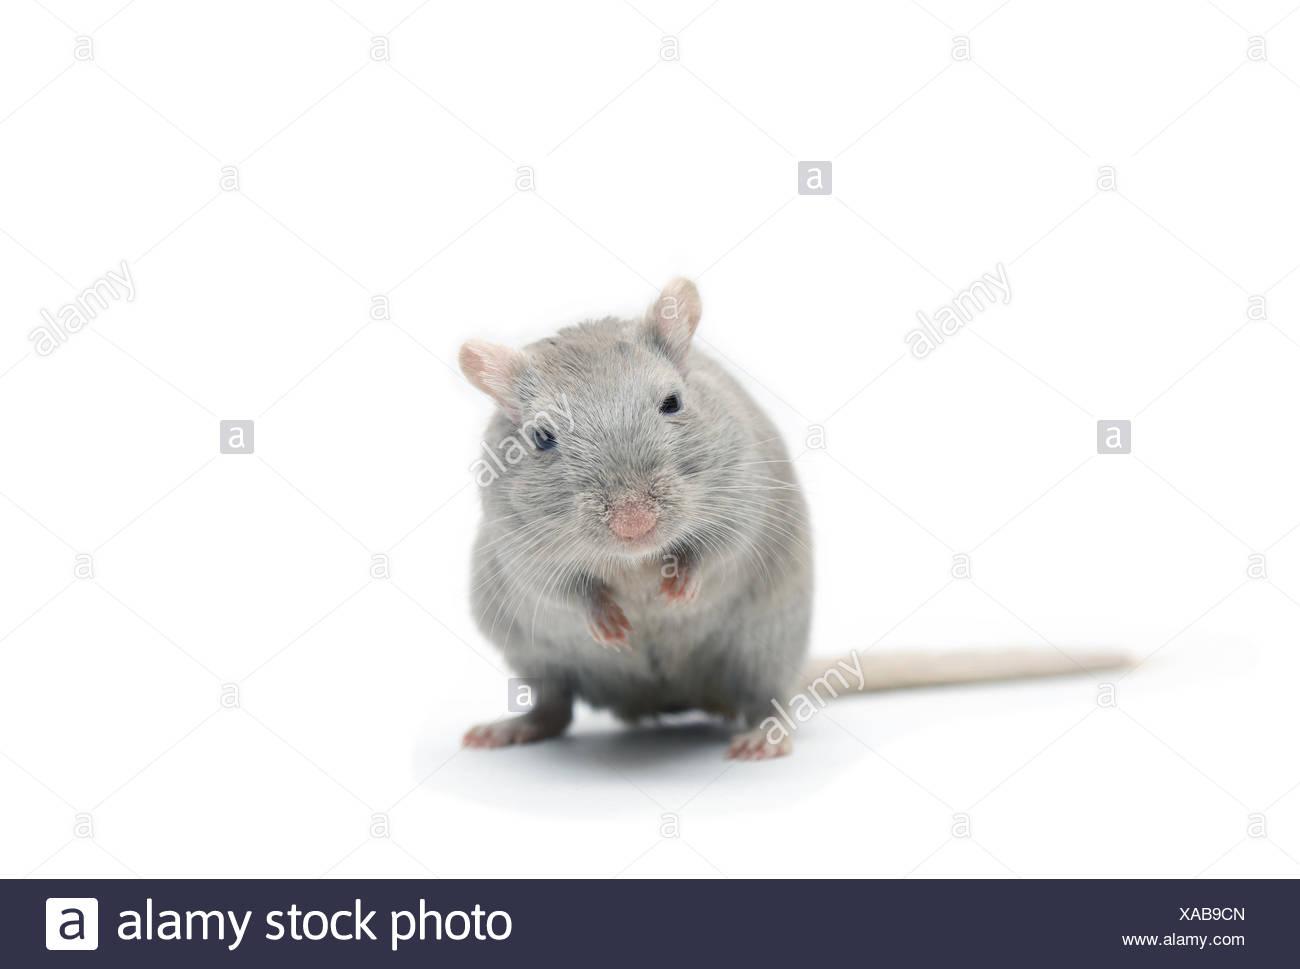 Nett Mäuse Die Elektrischen Draht Essen Fotos - Elektrische ...